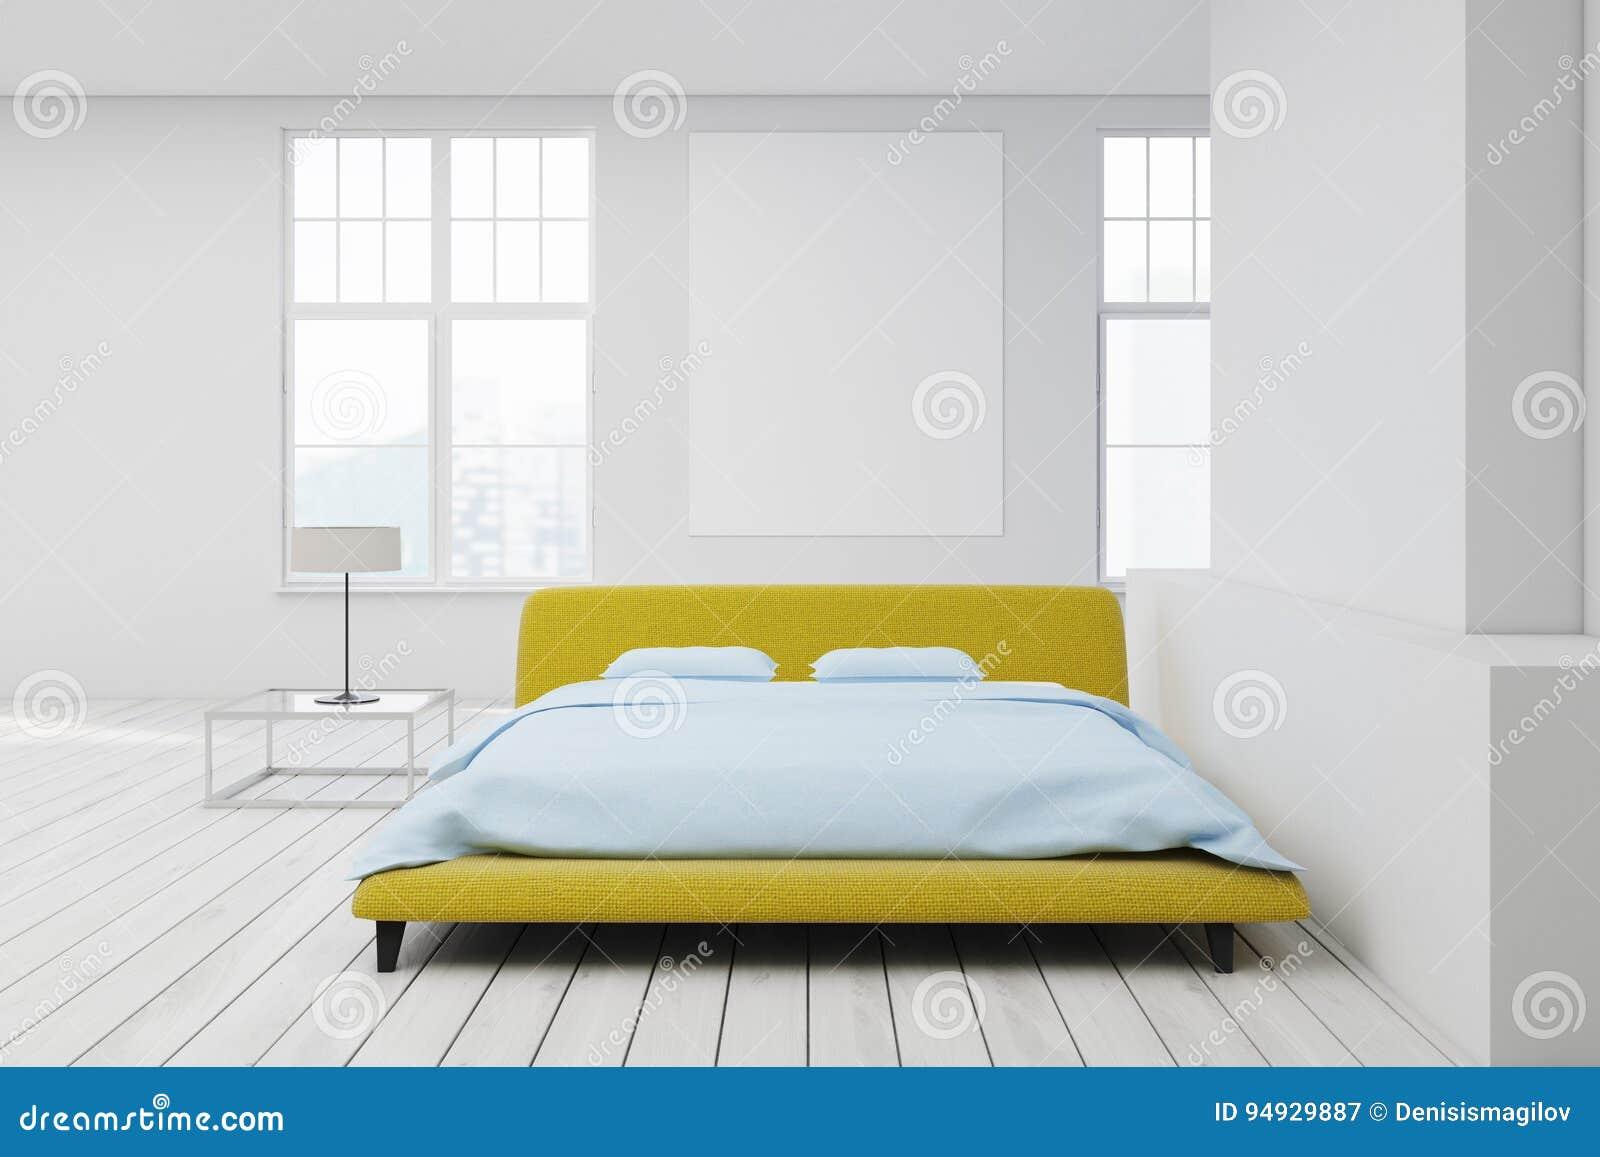 Letto Matrimoniale Giallo : Pavimento bianco del letto giallo manifesto illustrazione di stock